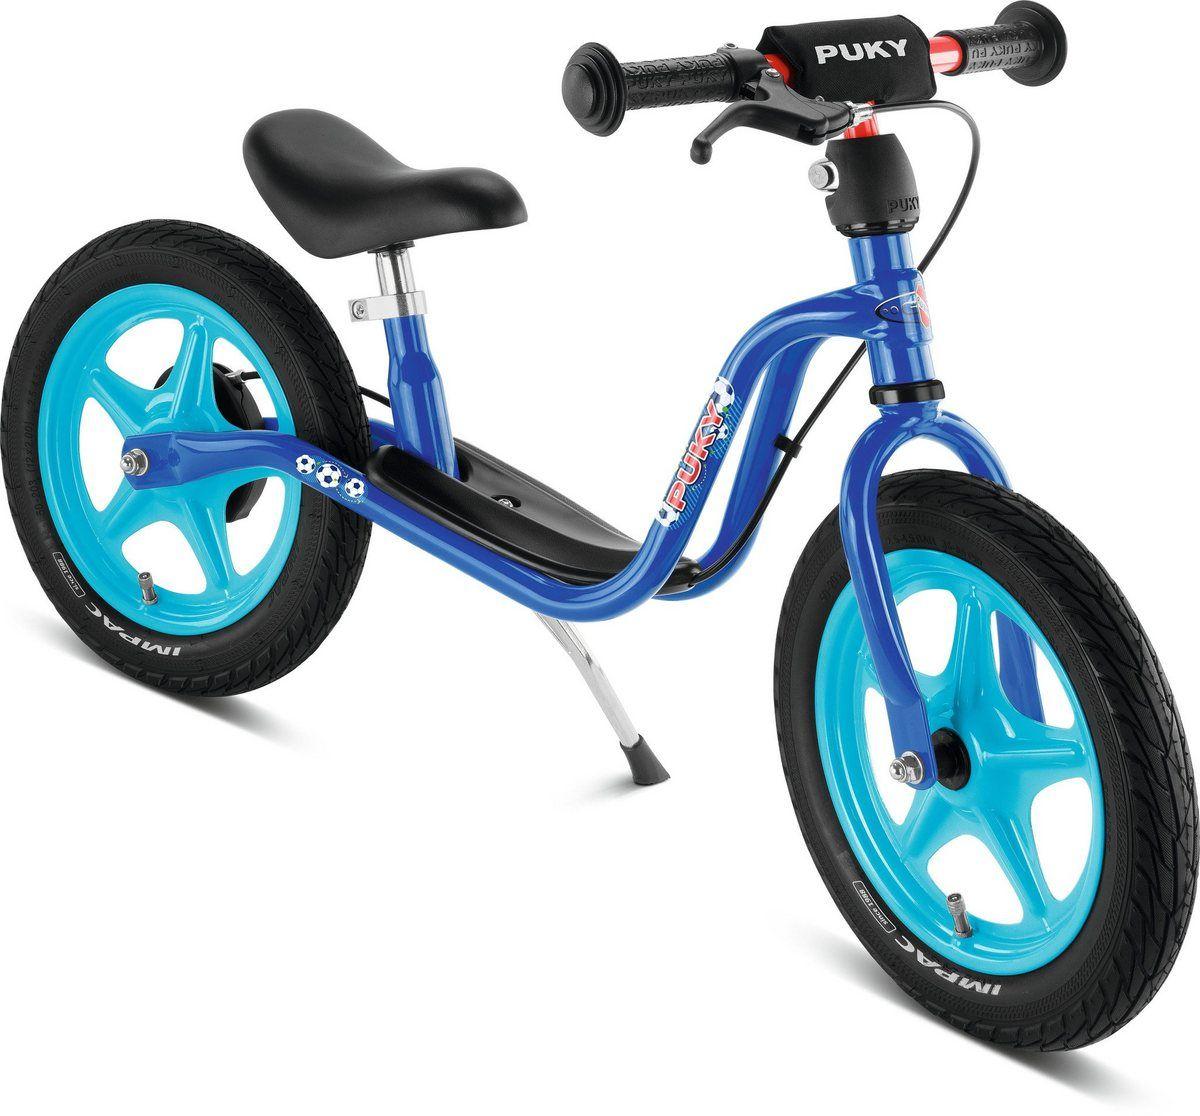 Puky Kinderfahrzeug Lr 1l Br Laufrad Kinder Laufrad Kinder Puky Laufrad Laufrad